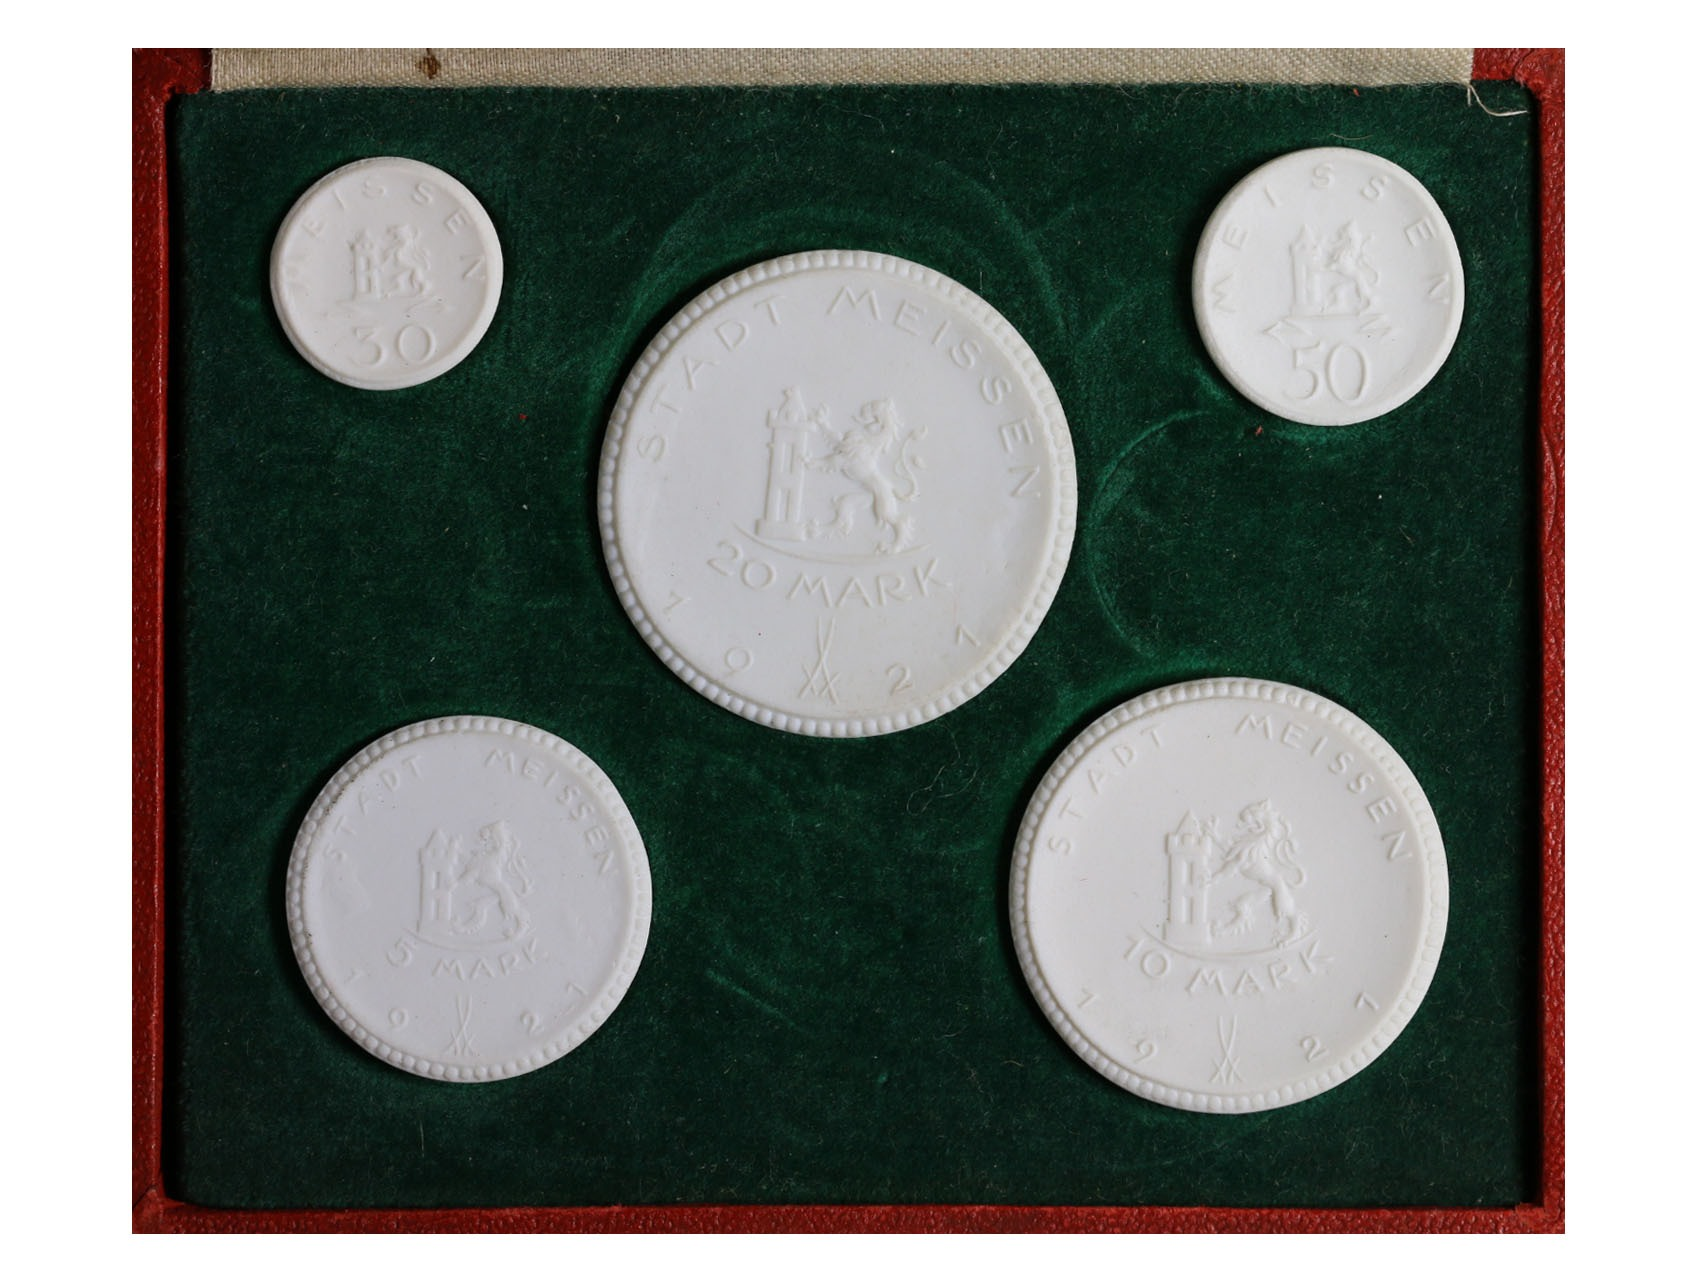 Míšeň - sada porcelánových nouzovek, 30 Pf., 50 Pf., 5 M.,10 M. a 20 M. 1921, celkem 5 ks. v původní etui